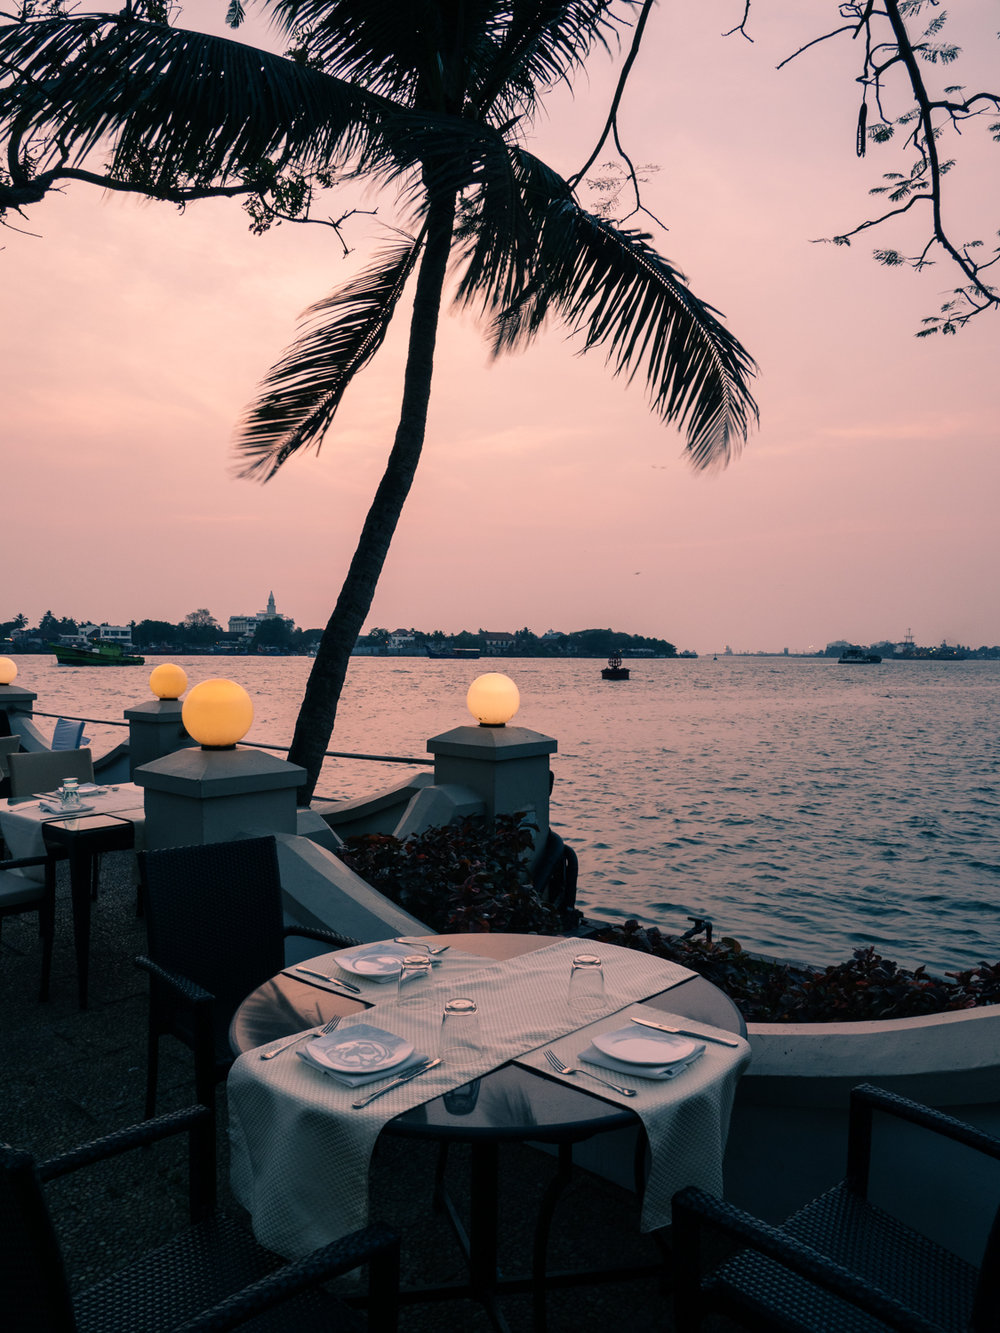 Taj Malabar Resort & Spa, Kochi, Kerala. Photo©www.thingstodot.com.